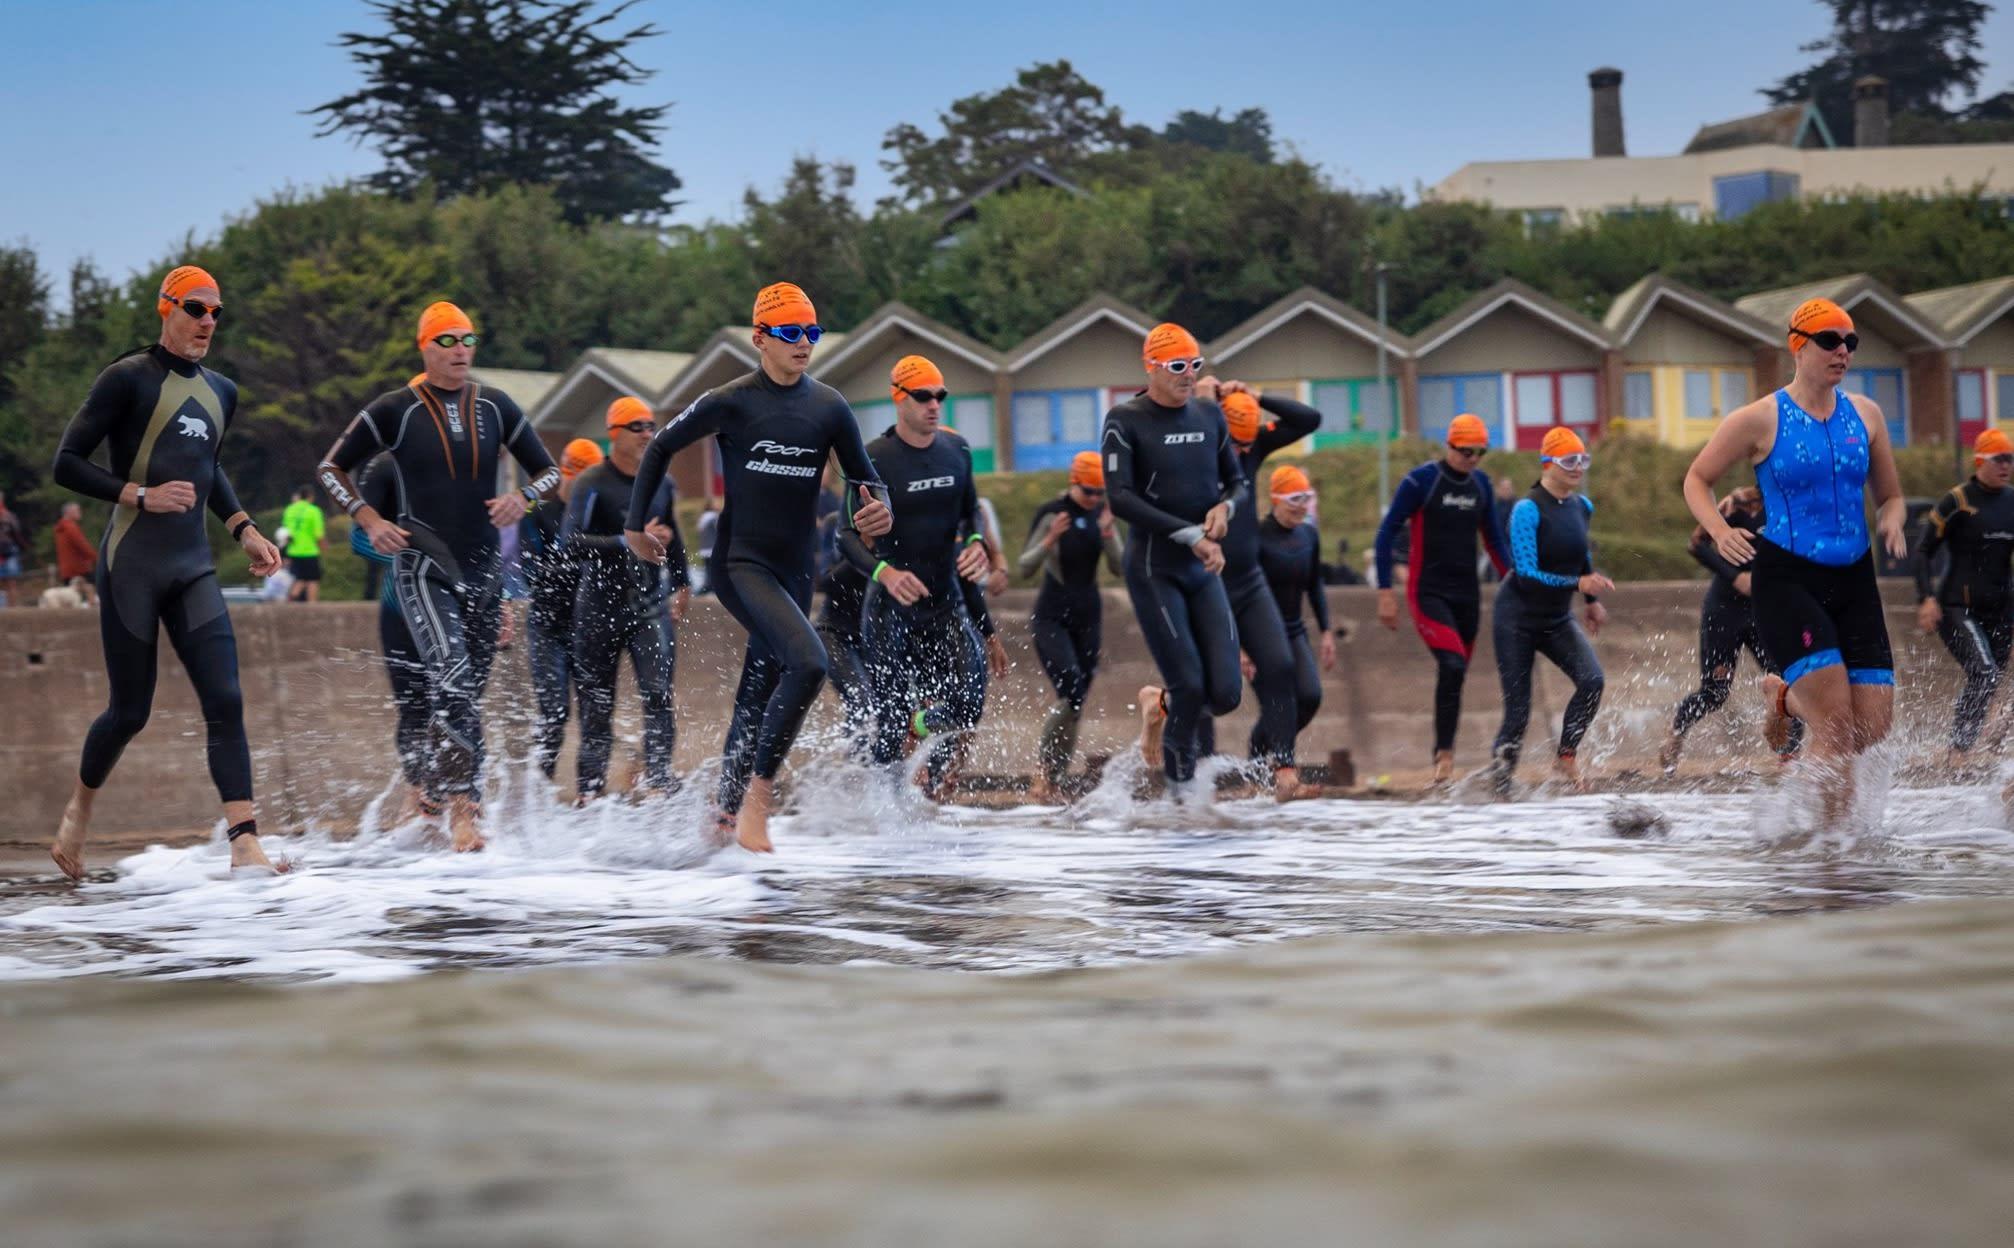 Exmouth Openwater Sprint Triathlon